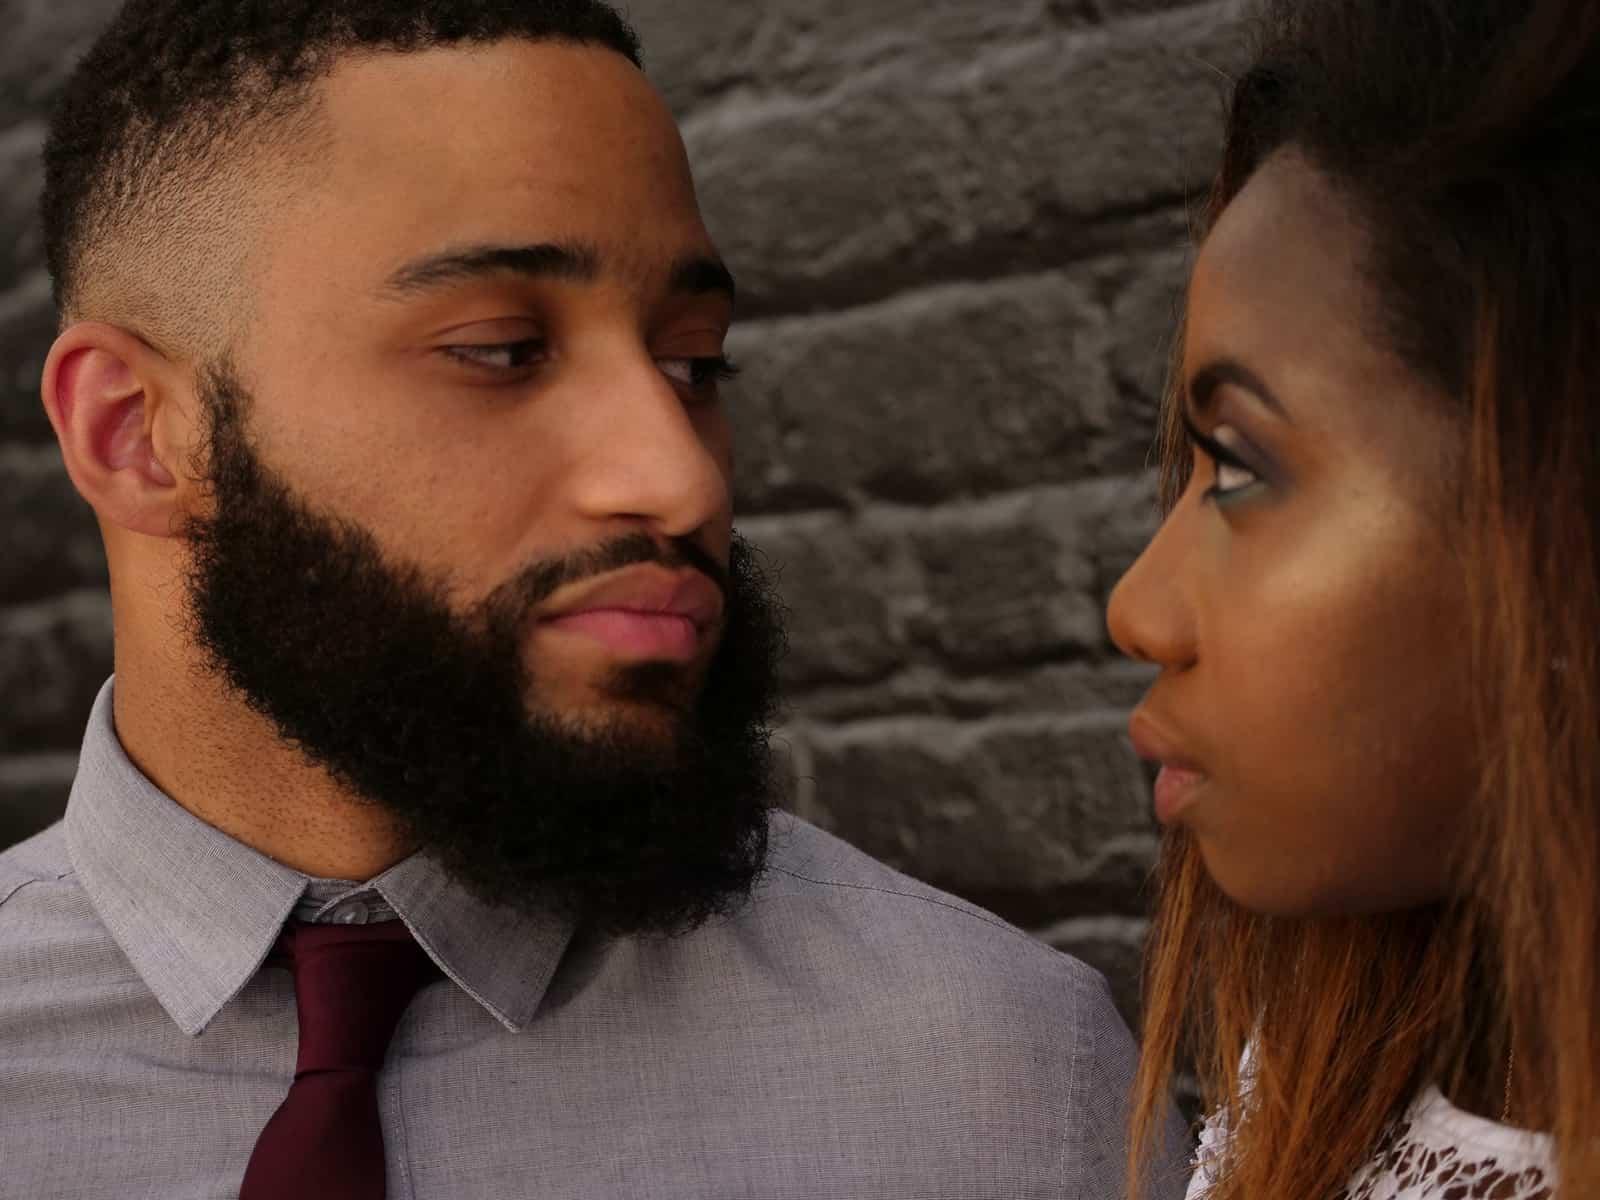 Ein Mann und eine Frau sehen sich an und stehen in der Nähe der Mauer